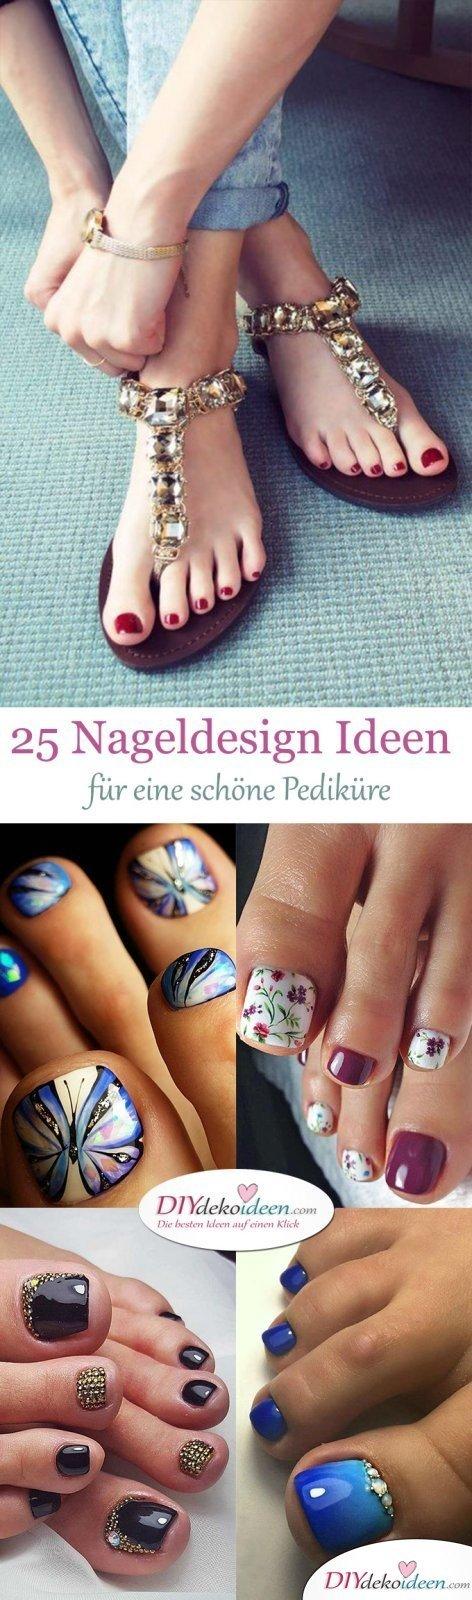 25 Pediküre Ideen für schöne Zehennägel Designs